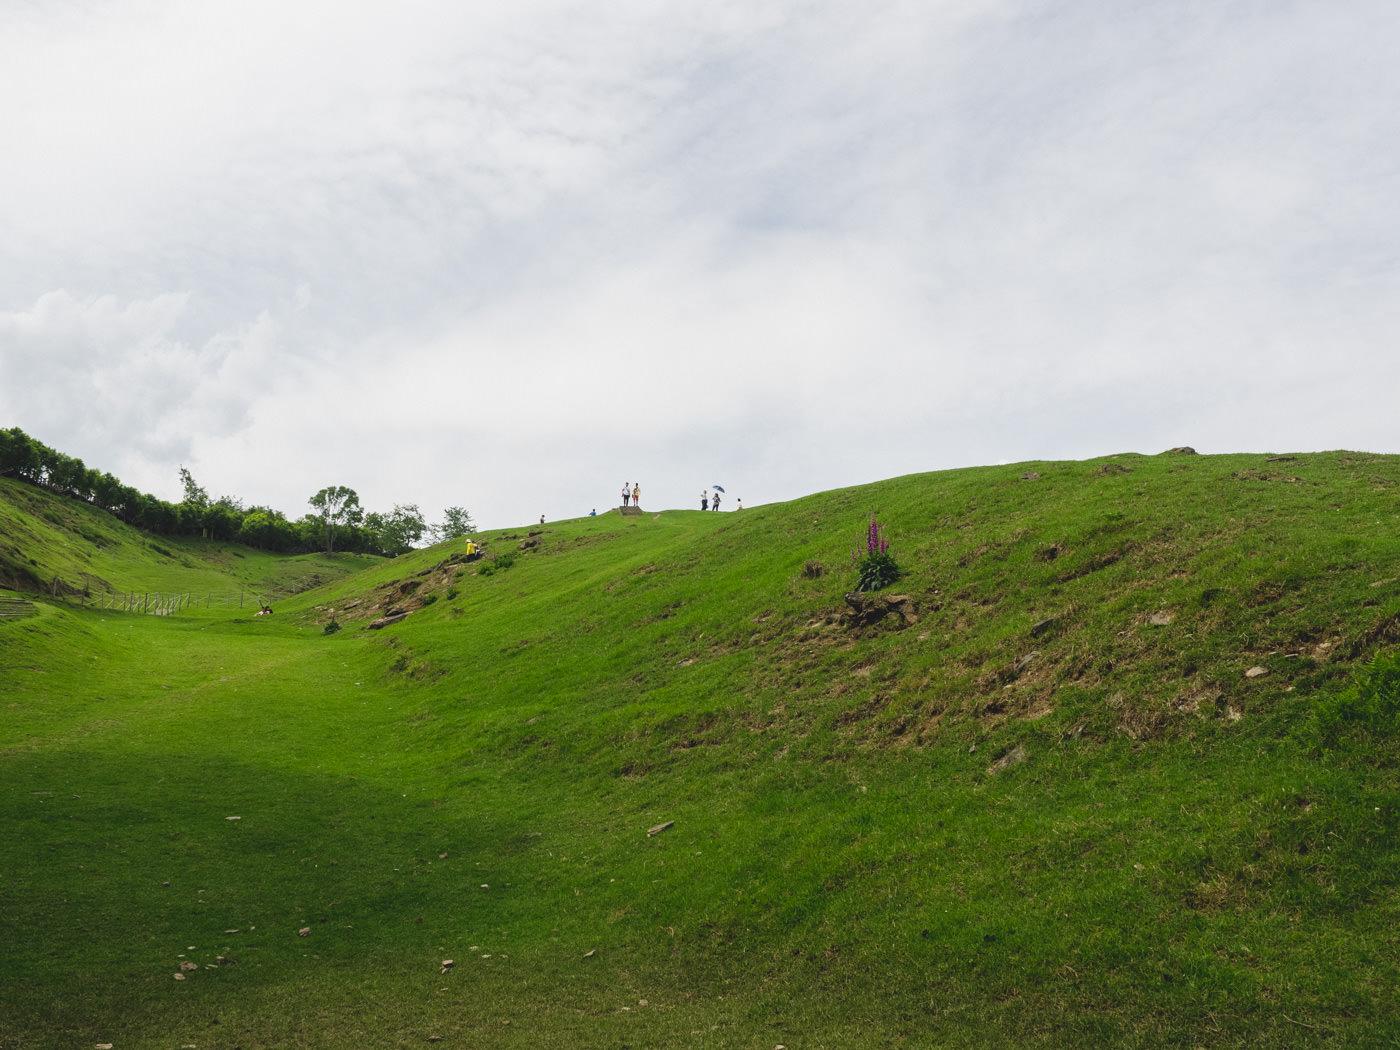 Taiwan - Qingjing Farm - Big grass field